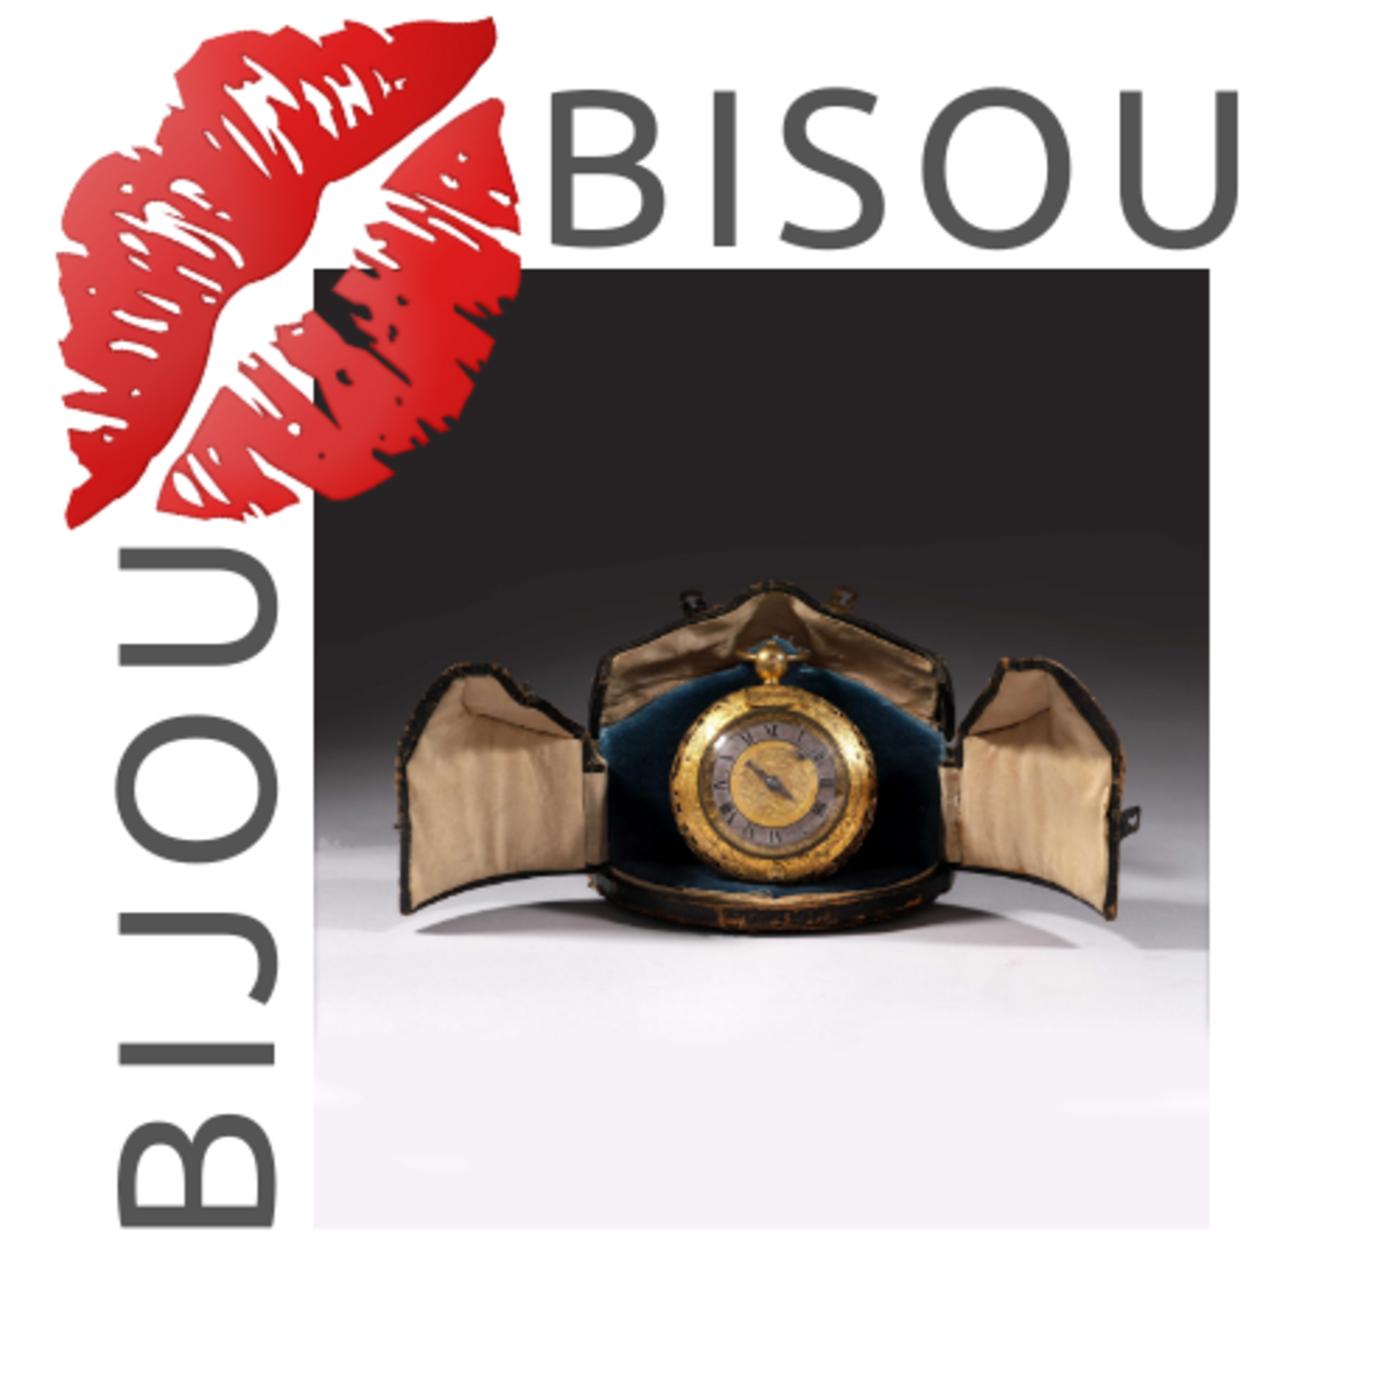 le bijou comme un bisou #72 la montre de carrosse, joyau du temps